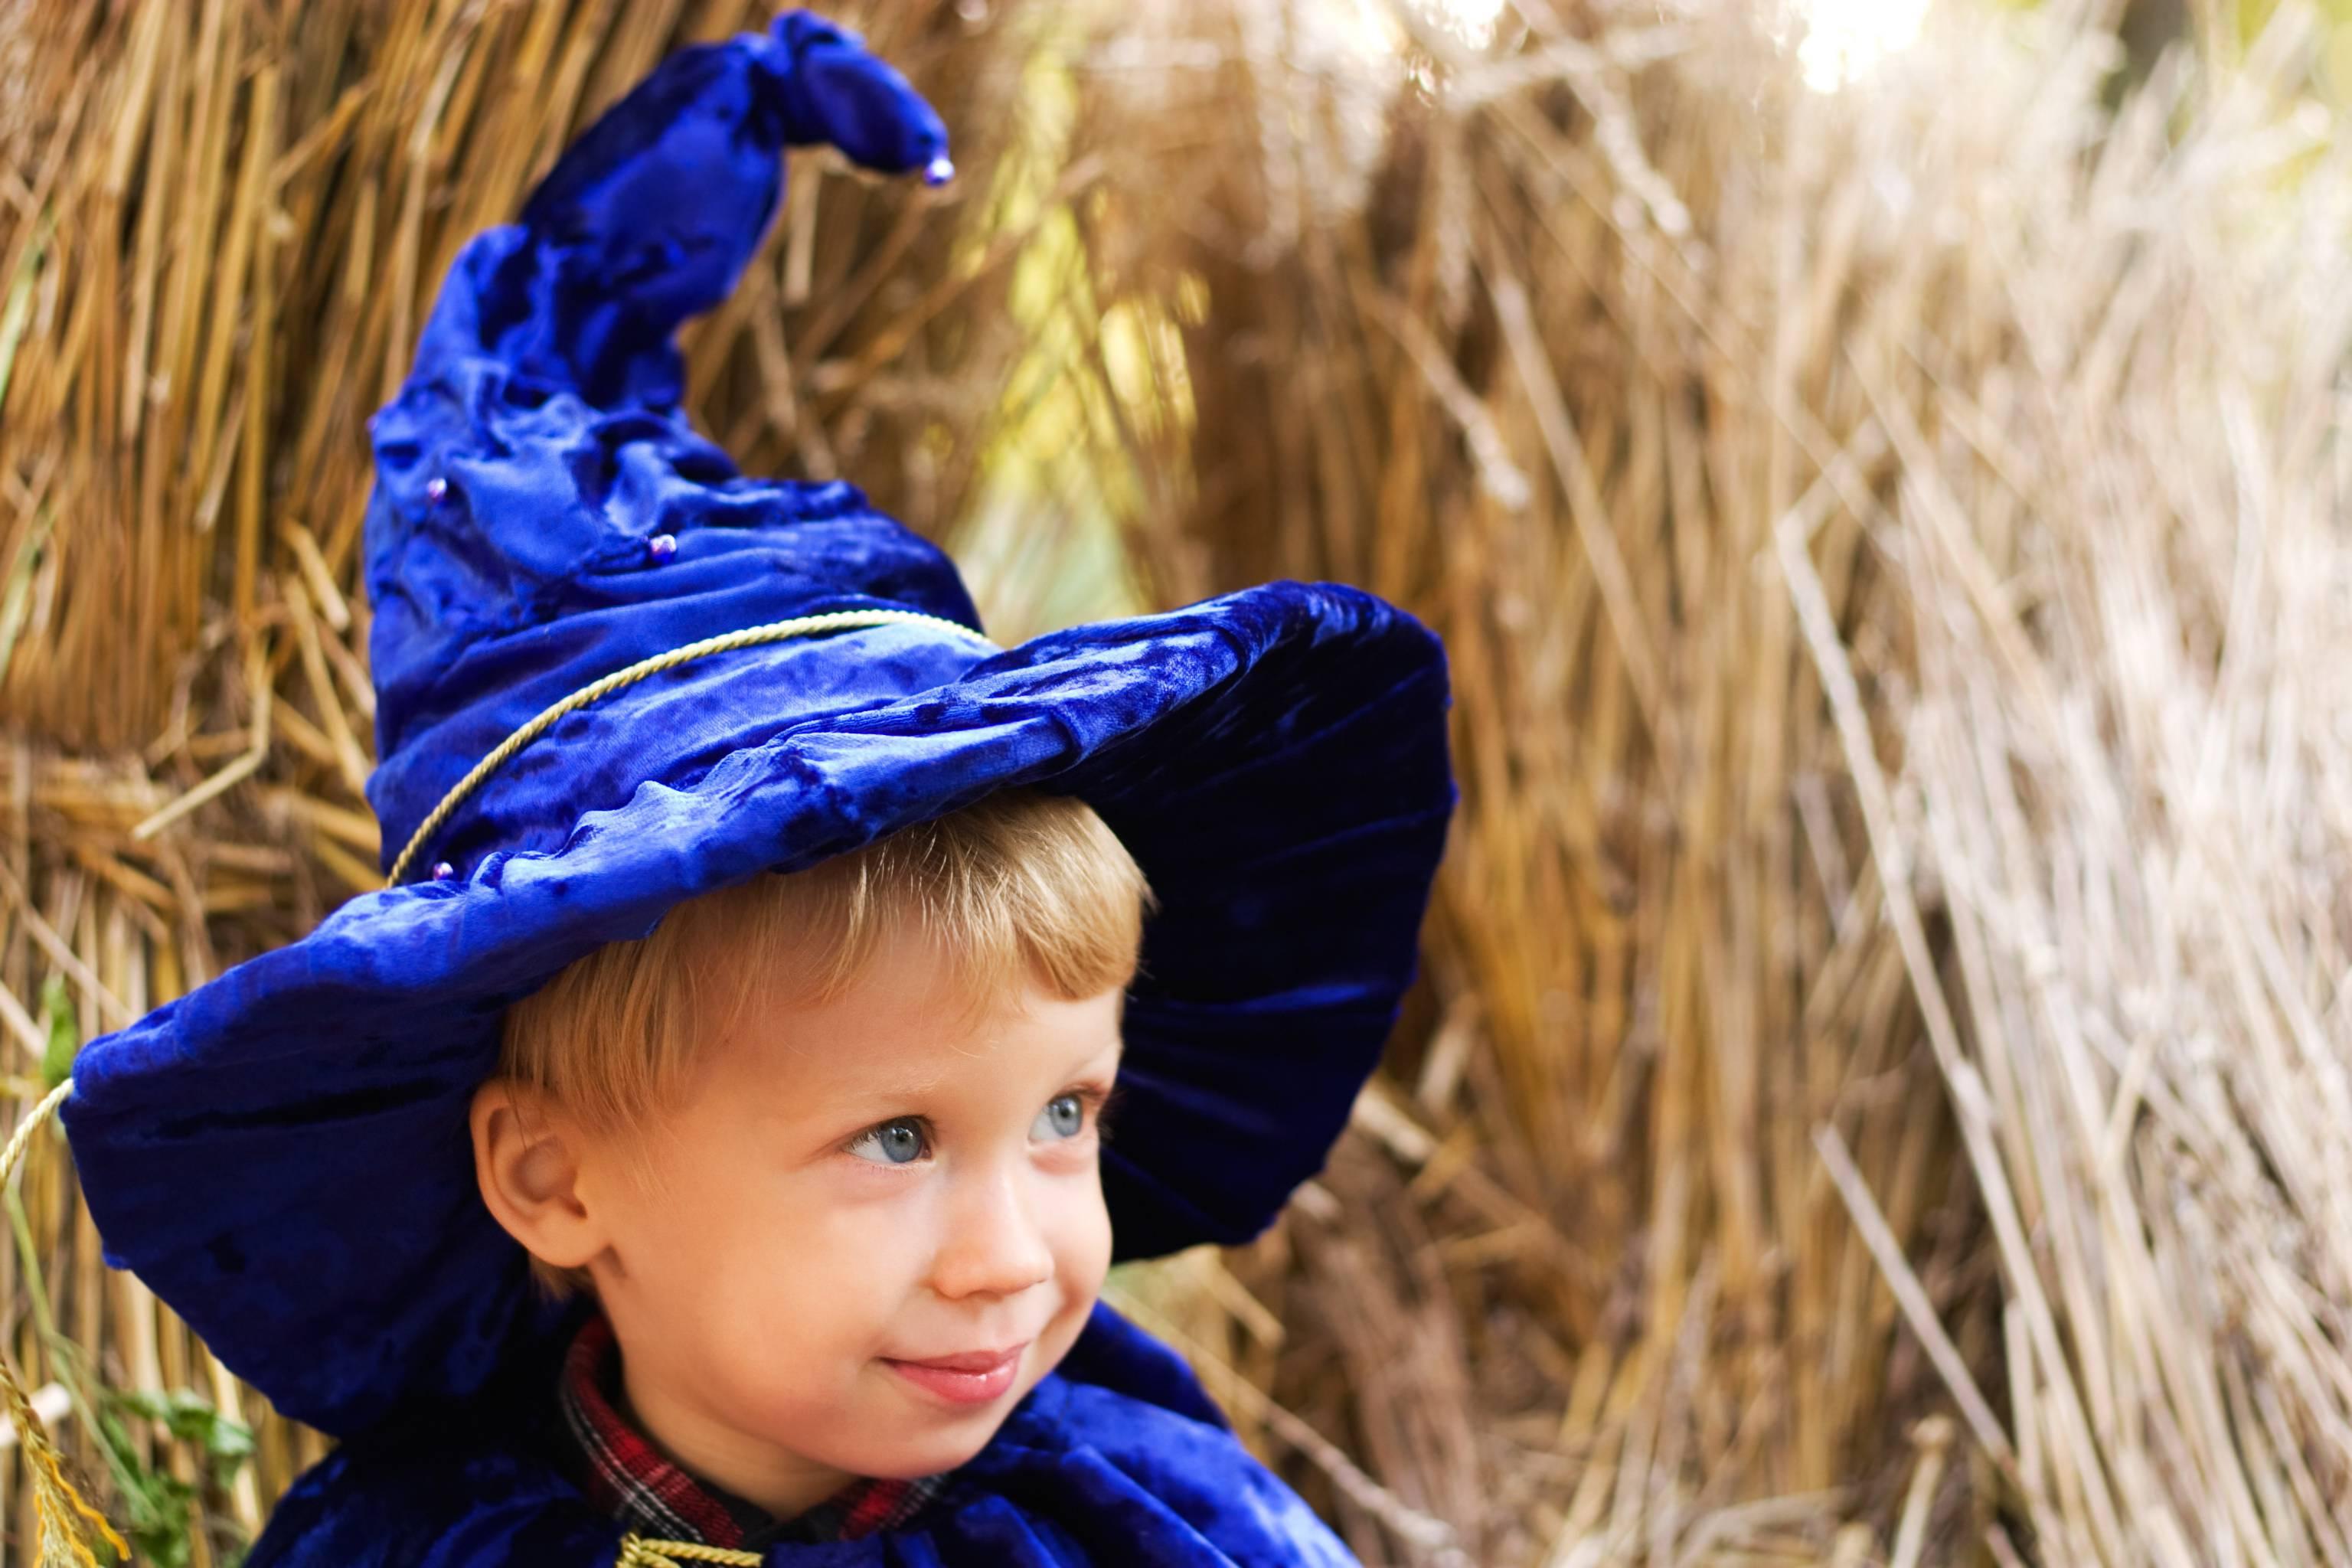 Bambino con cappello da mago